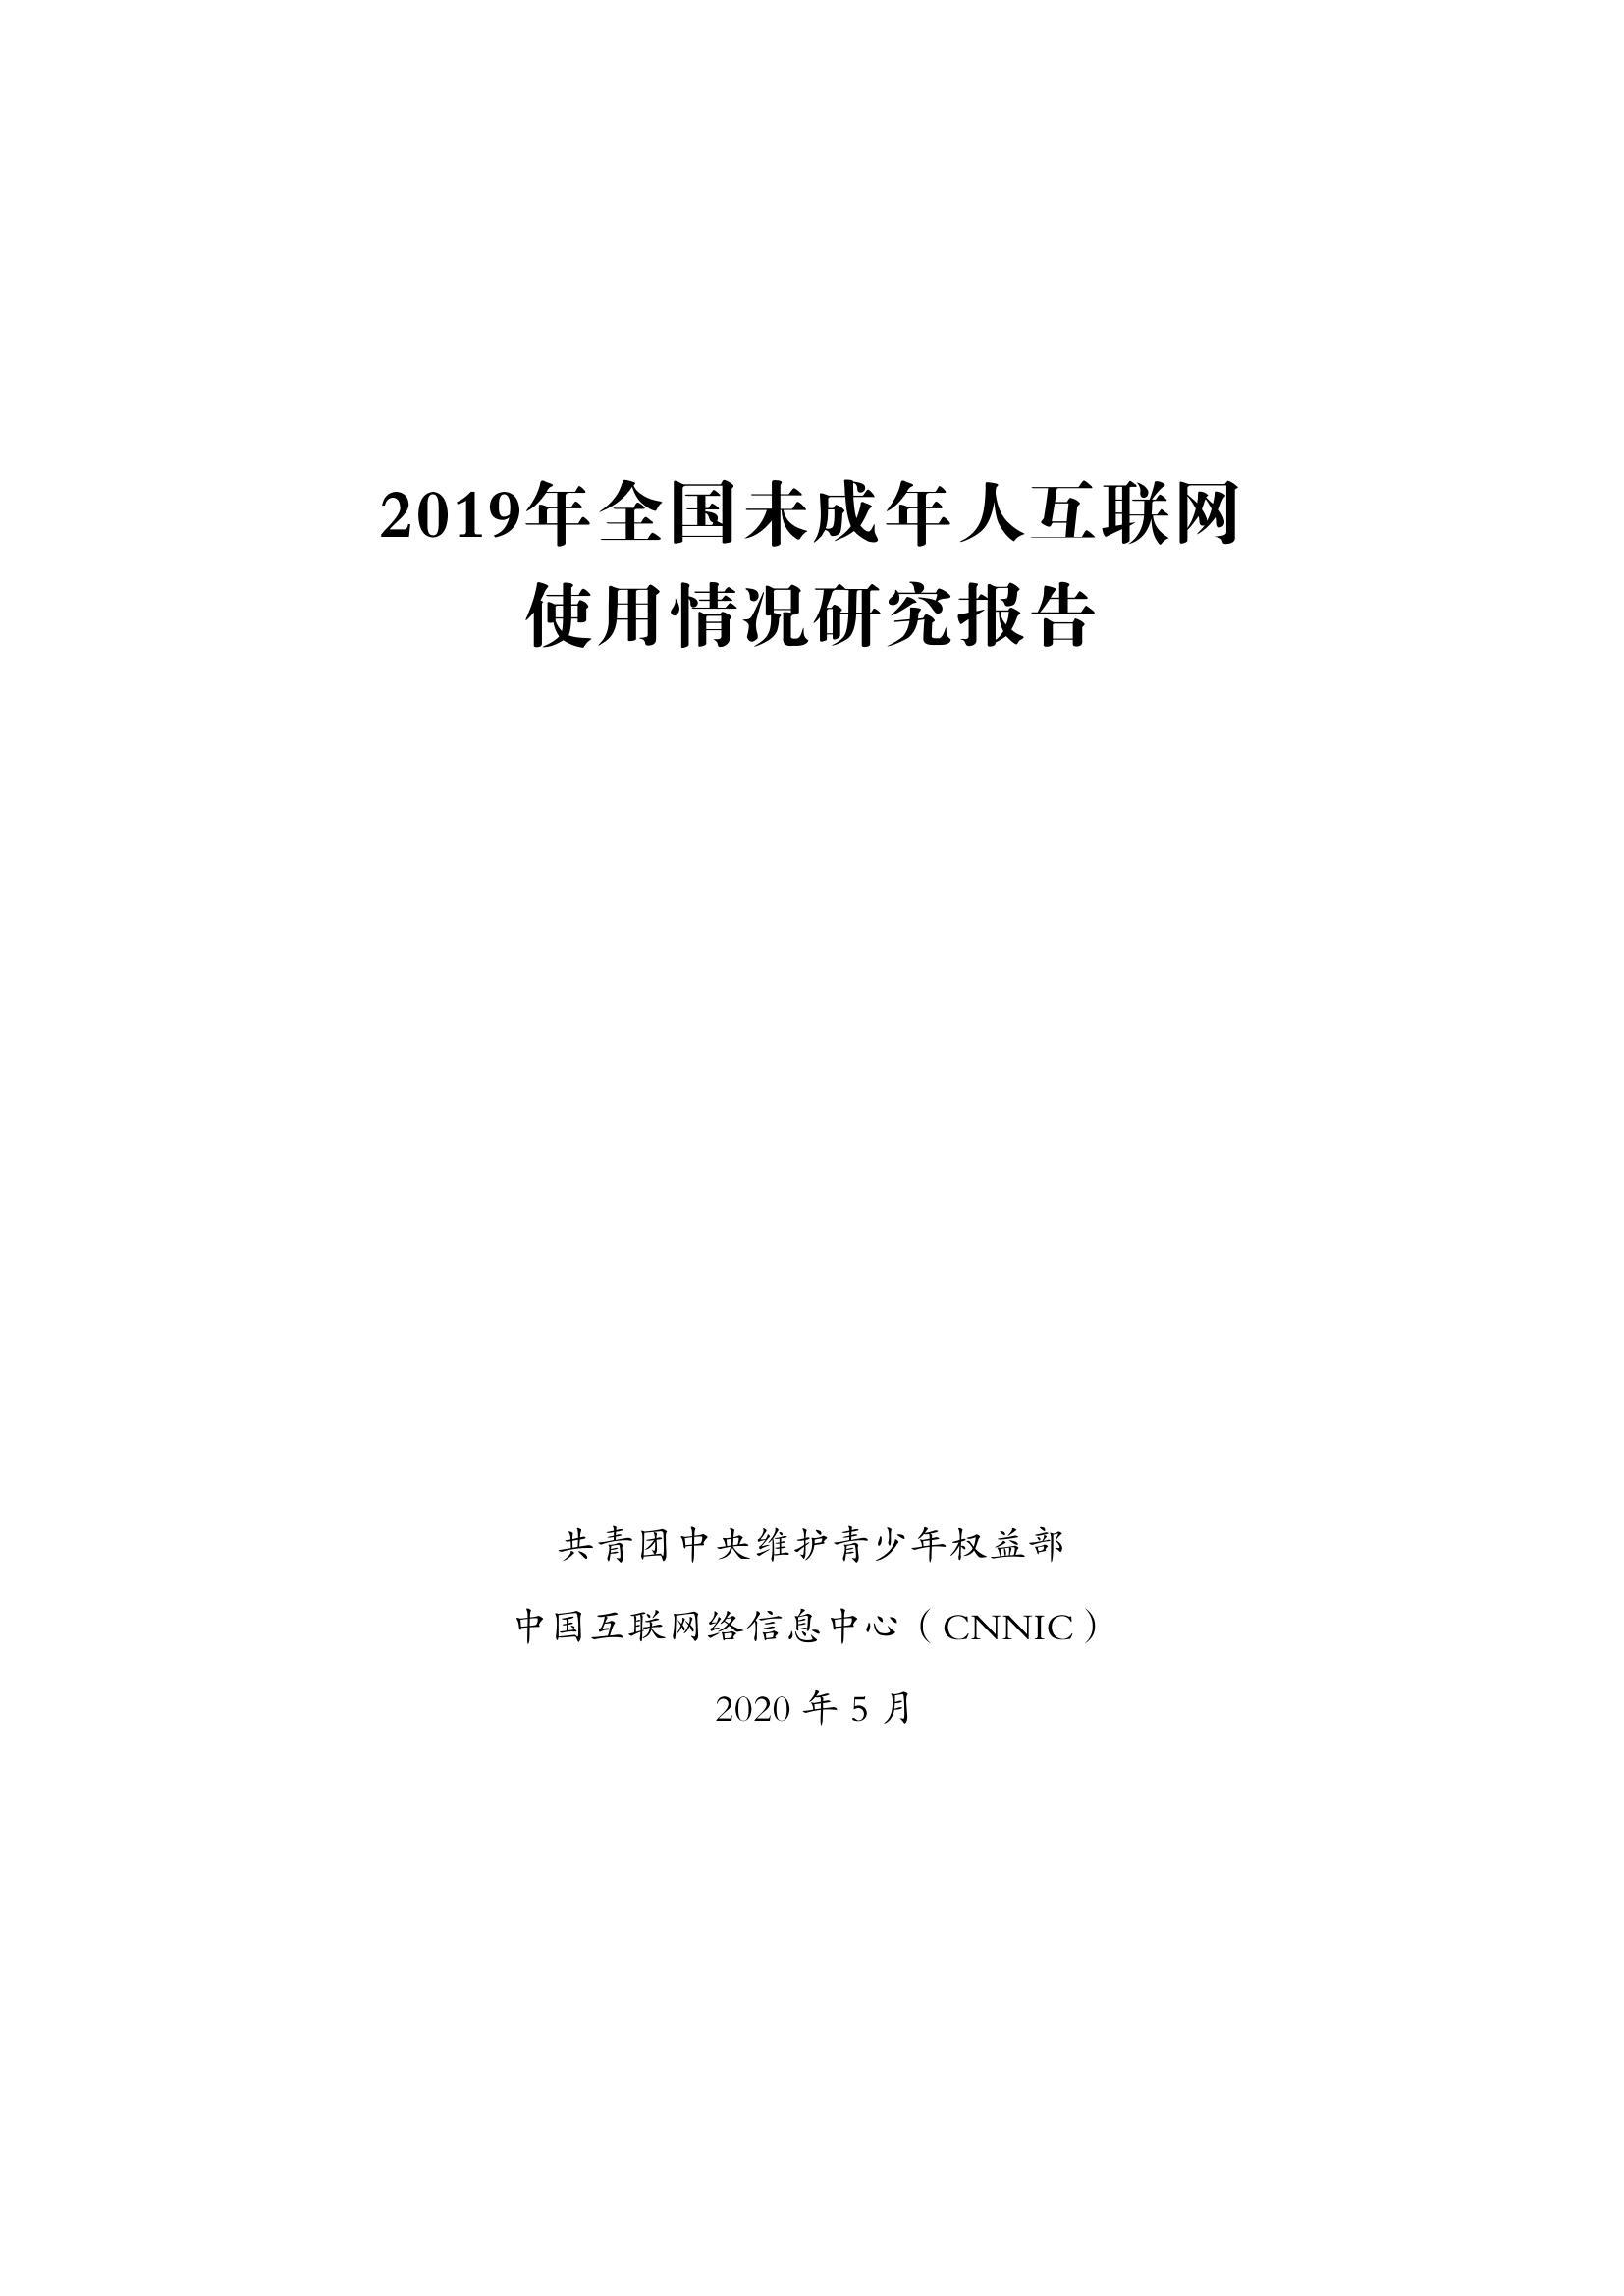 CNNIC:2019年全国未成年人互联网使用情况研究报告(附下载)